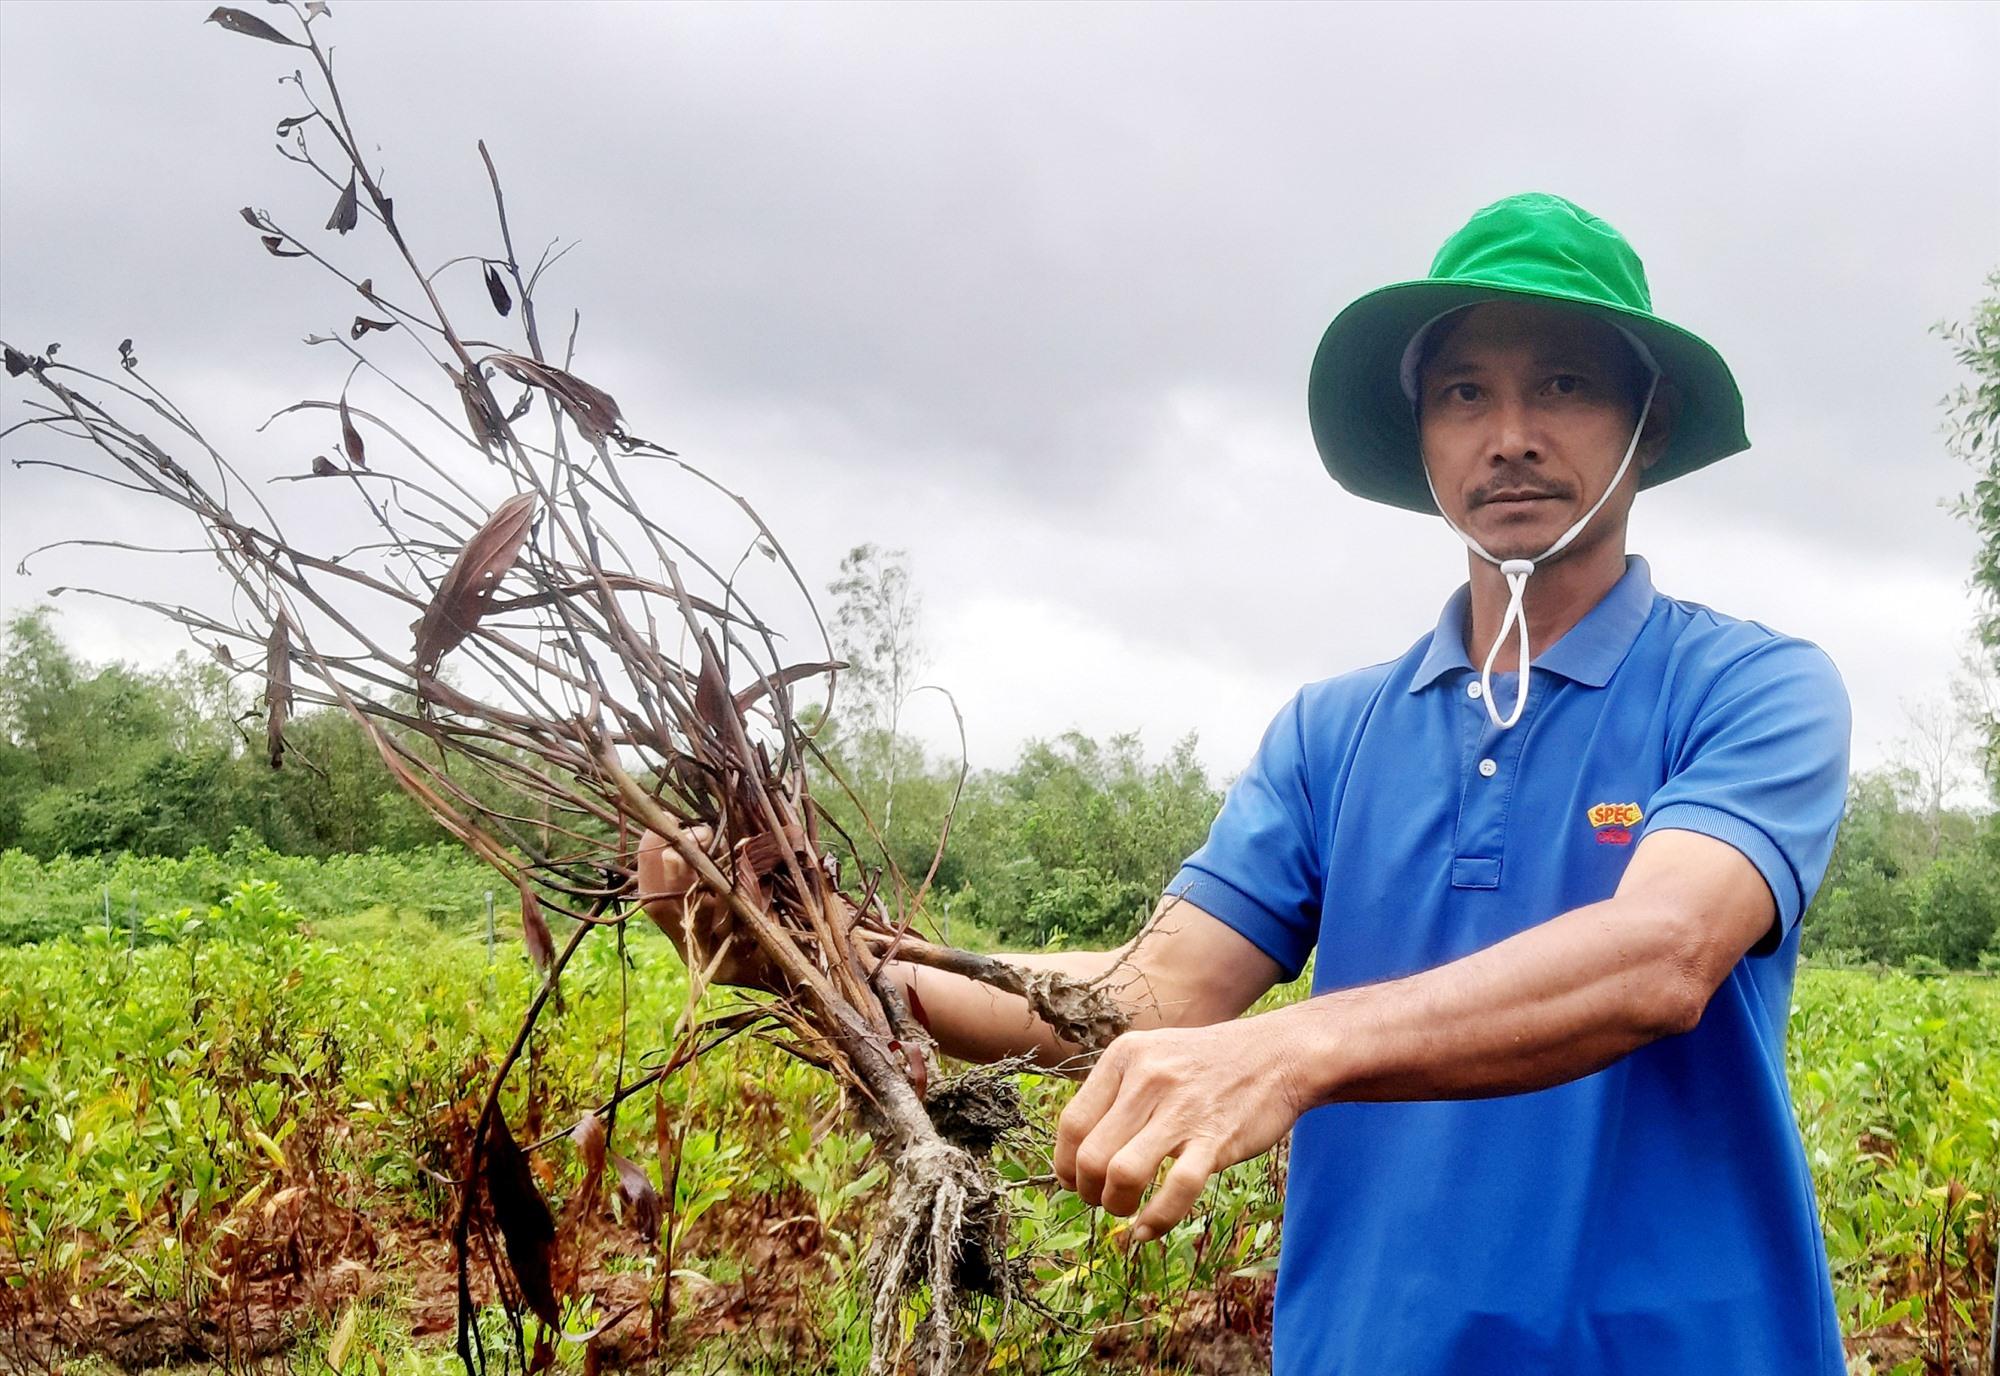 Nhiều cây keo mẹ trong vườn ươm của ông Nguyễn Hồng Dũng bị khô héo, chết la liệt. Ảnh: H.N